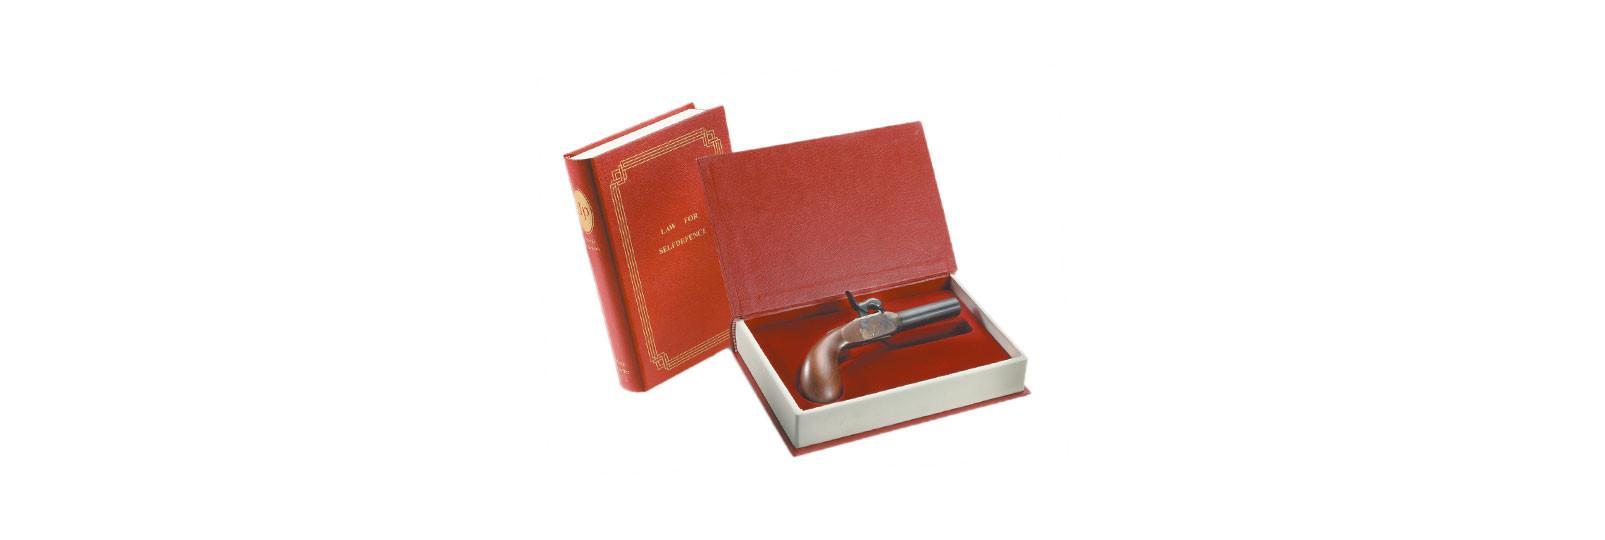 Derringer Liegi Pistol with book case